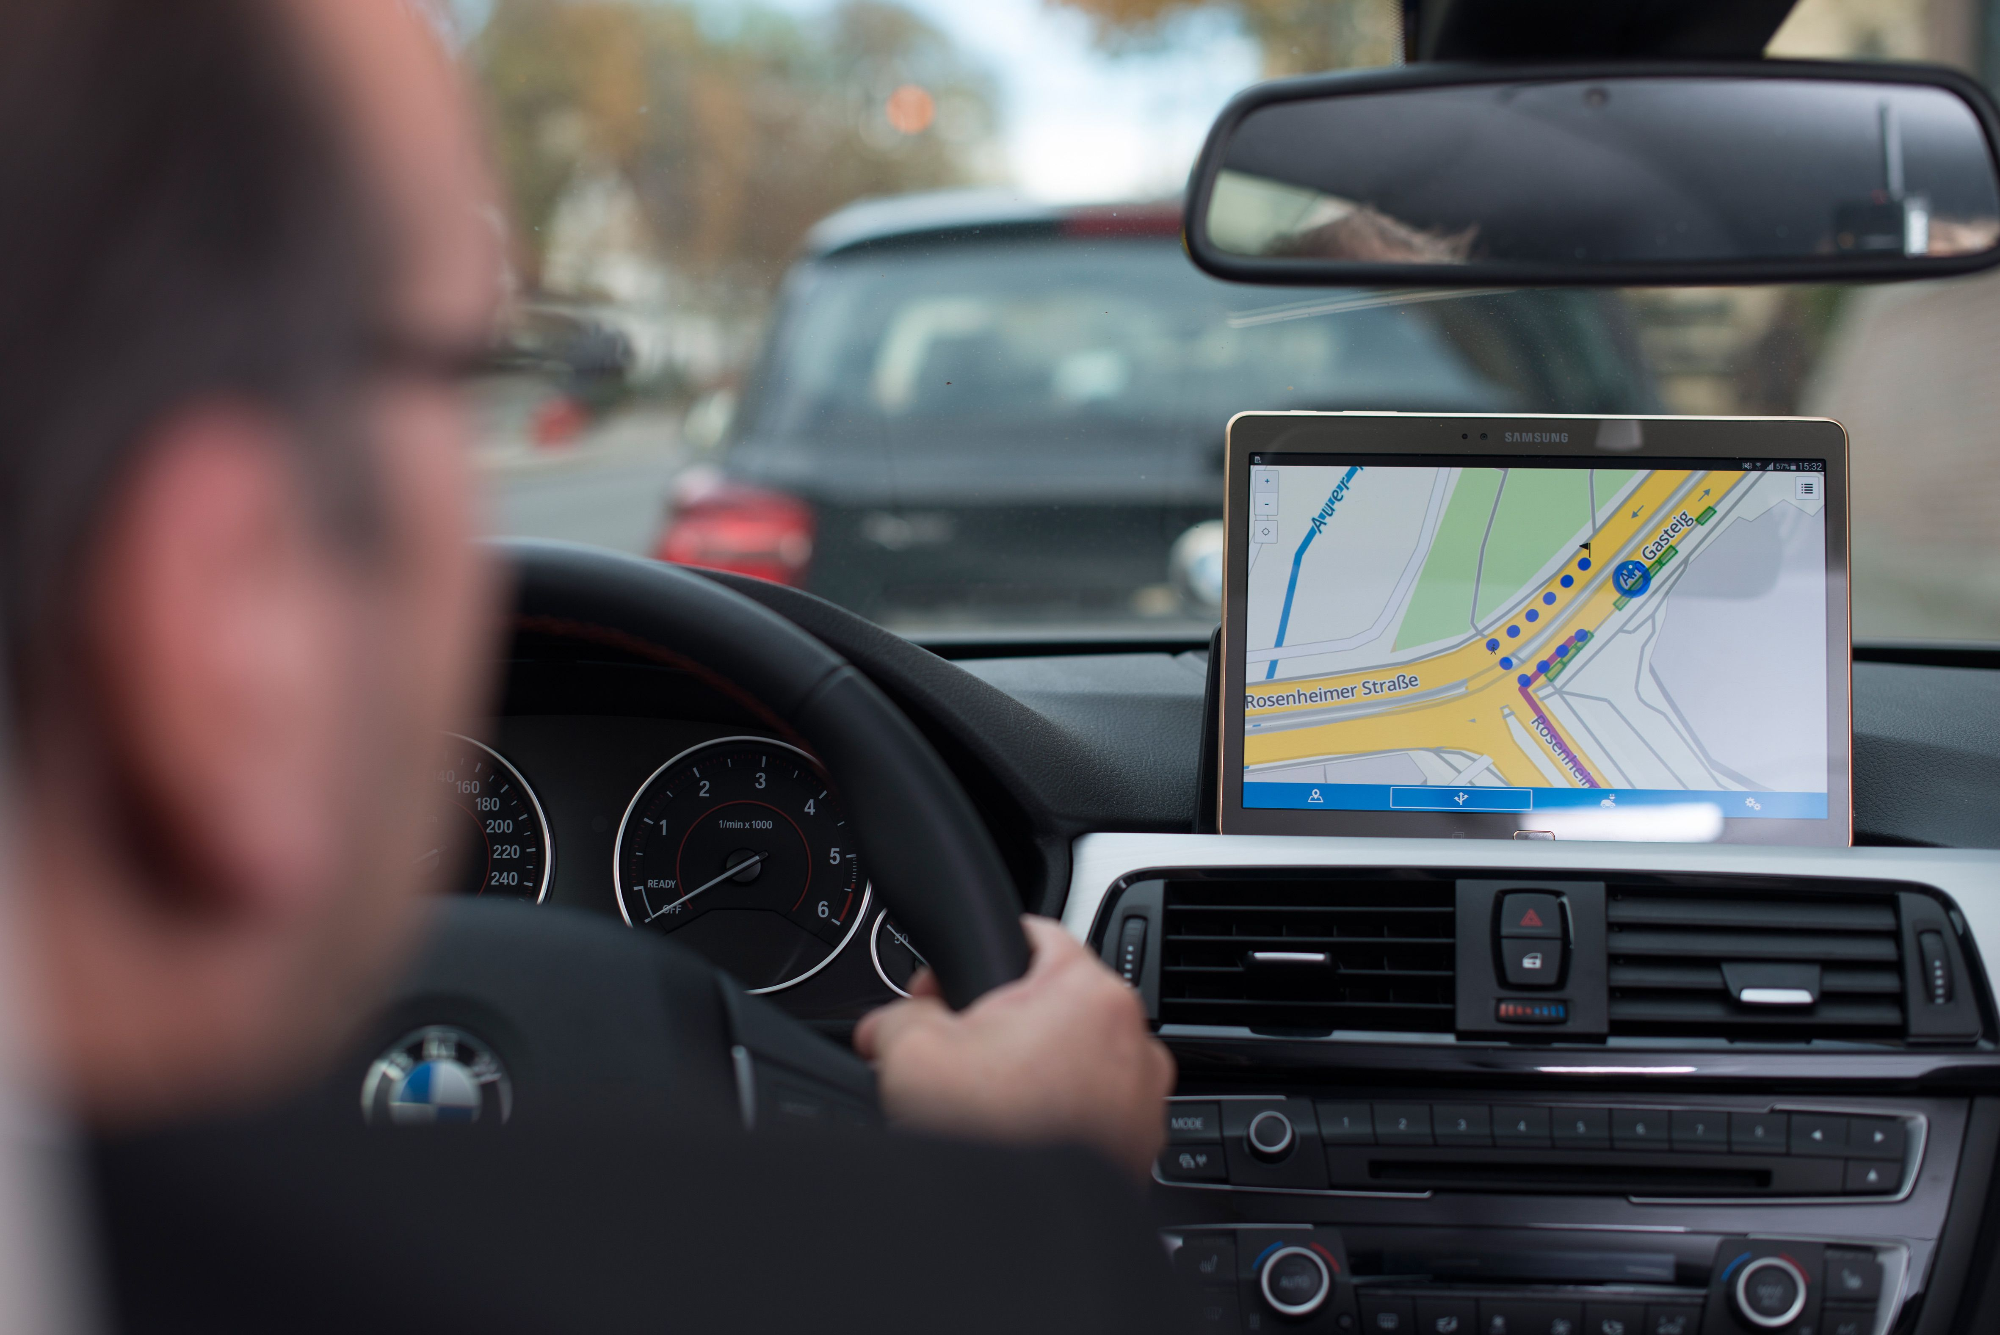 Hvis det er ingen ledige parkeringsplasser kan systemet sende informasjonen til din smarttelefon og veilede deg til nærmeste ledige parkeringsplass.